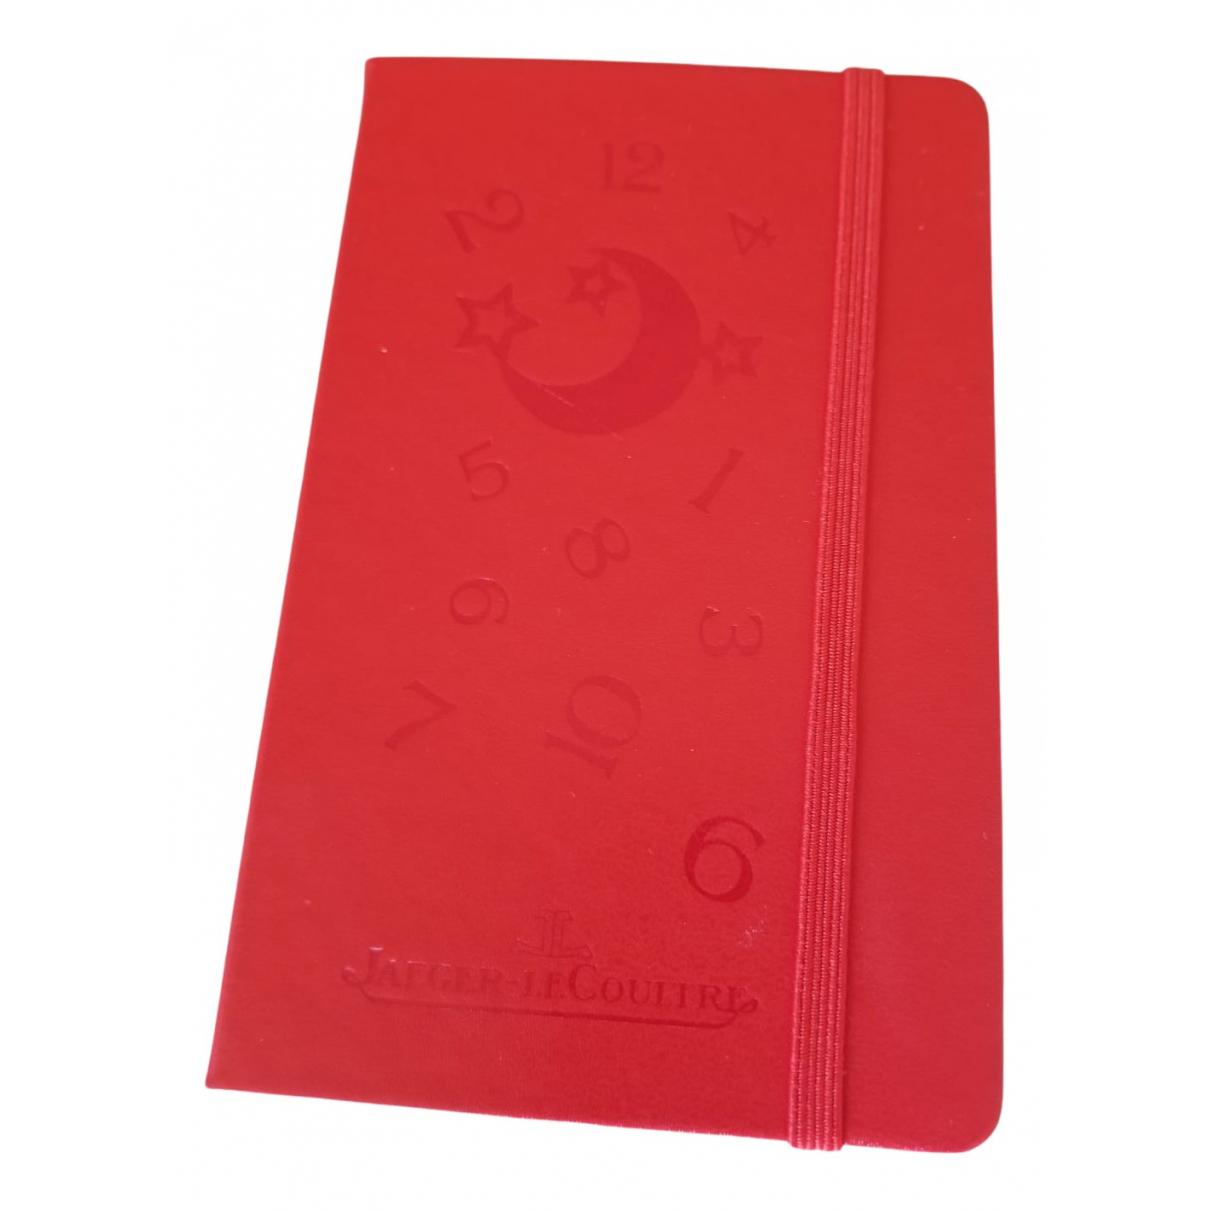 Jaeger-lecoultre - Objets & Deco   pour lifestyle en cuir - rouge